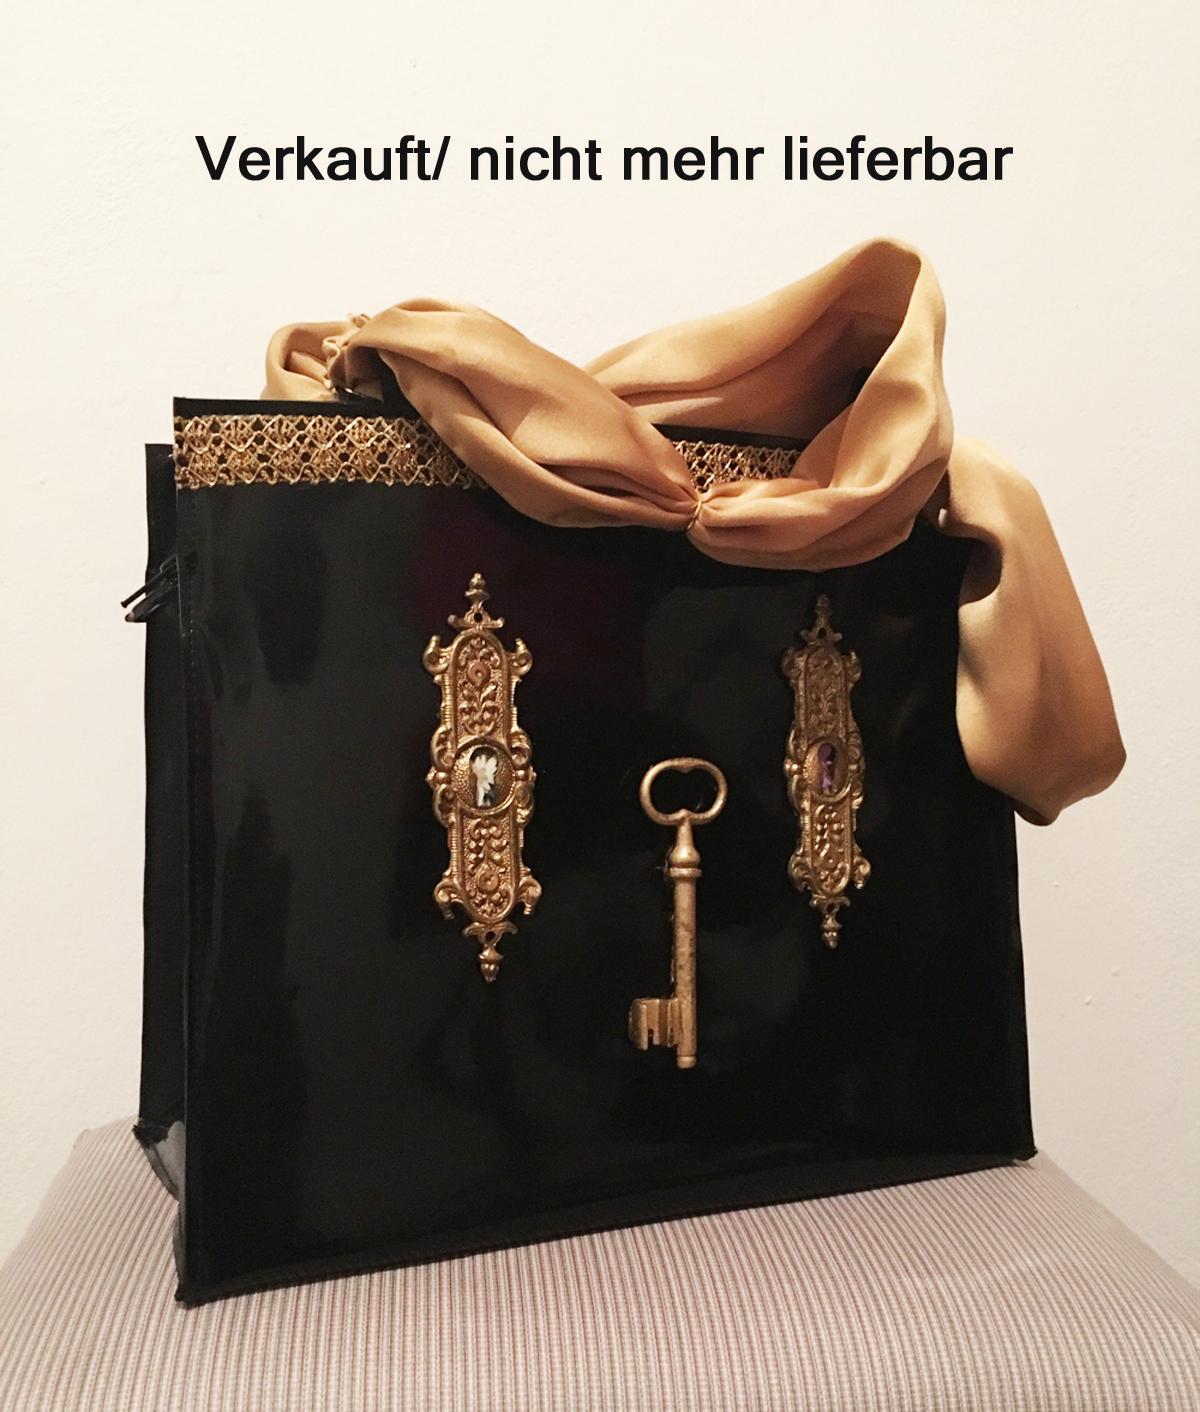 """Handtasche aus Latex, """"Blick durchs Schlüsselloch 1/15"""" *Verkauft*T!"""